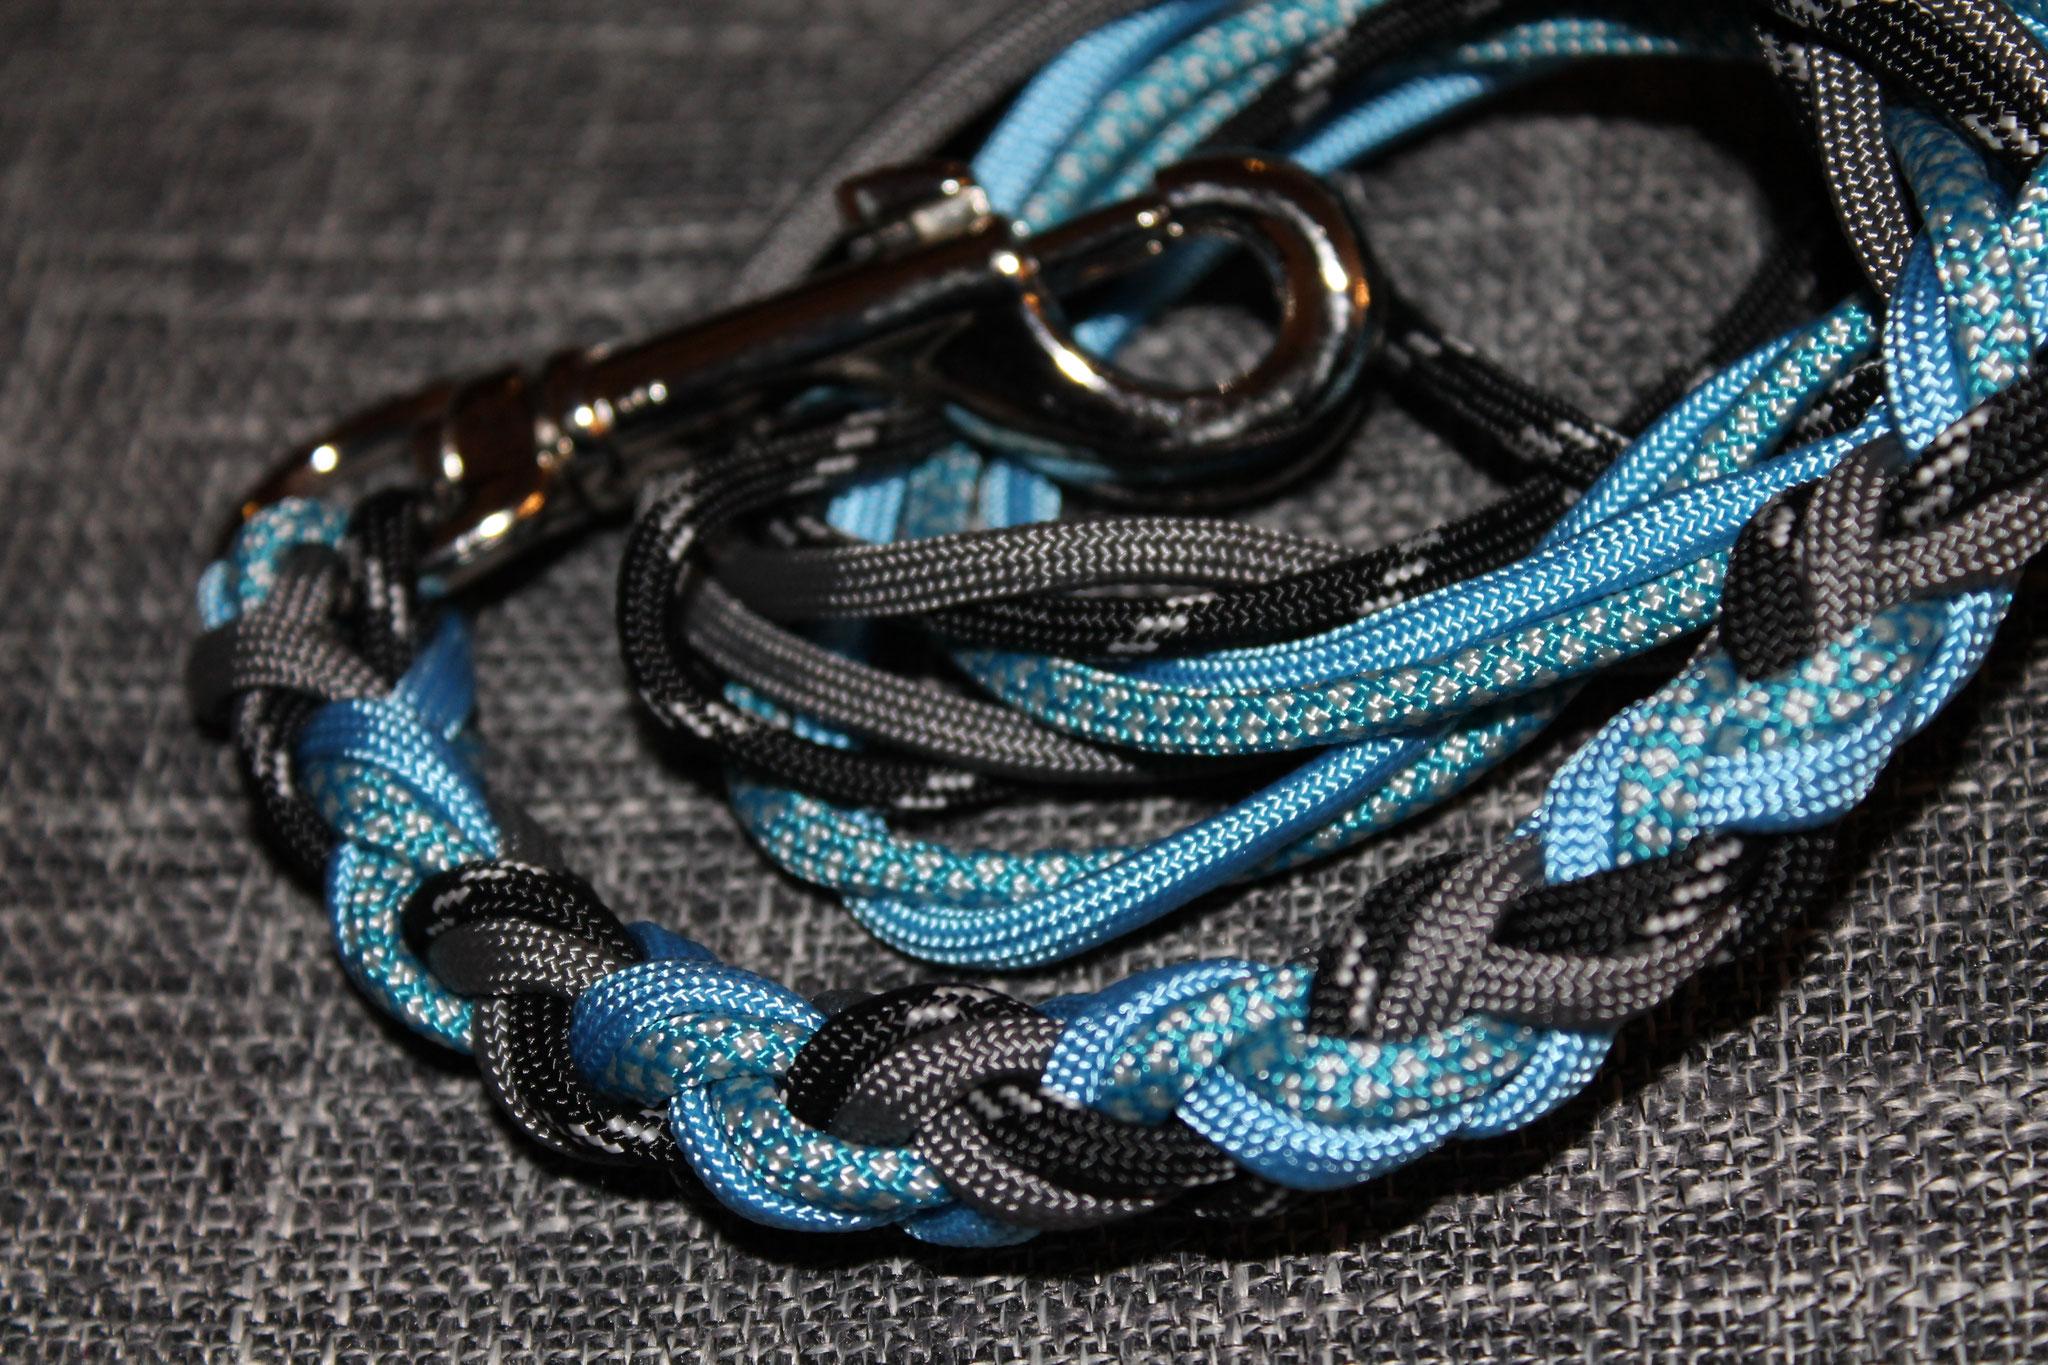 Schwarz nachtleuchtend, Grau, Hellblau, Karibik-Silber Diamonds | 4-fach rund geflochten mit Bolzenkarabiner Chrom